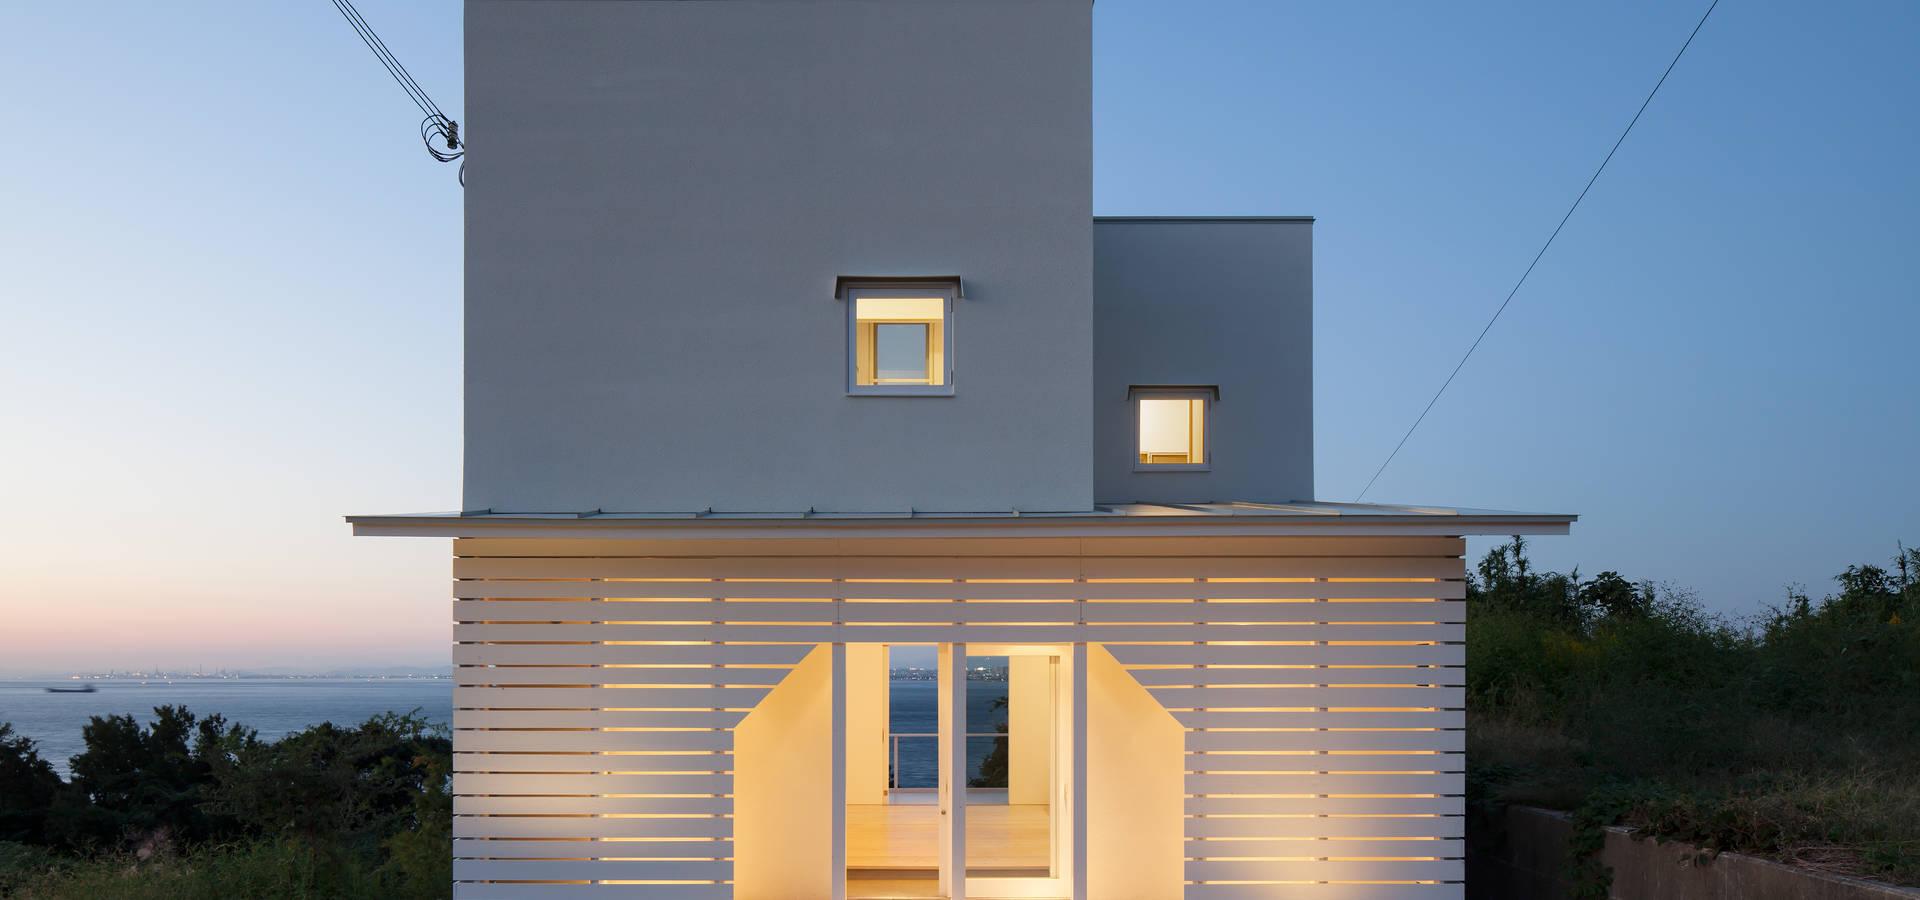 IZUE architect & associates